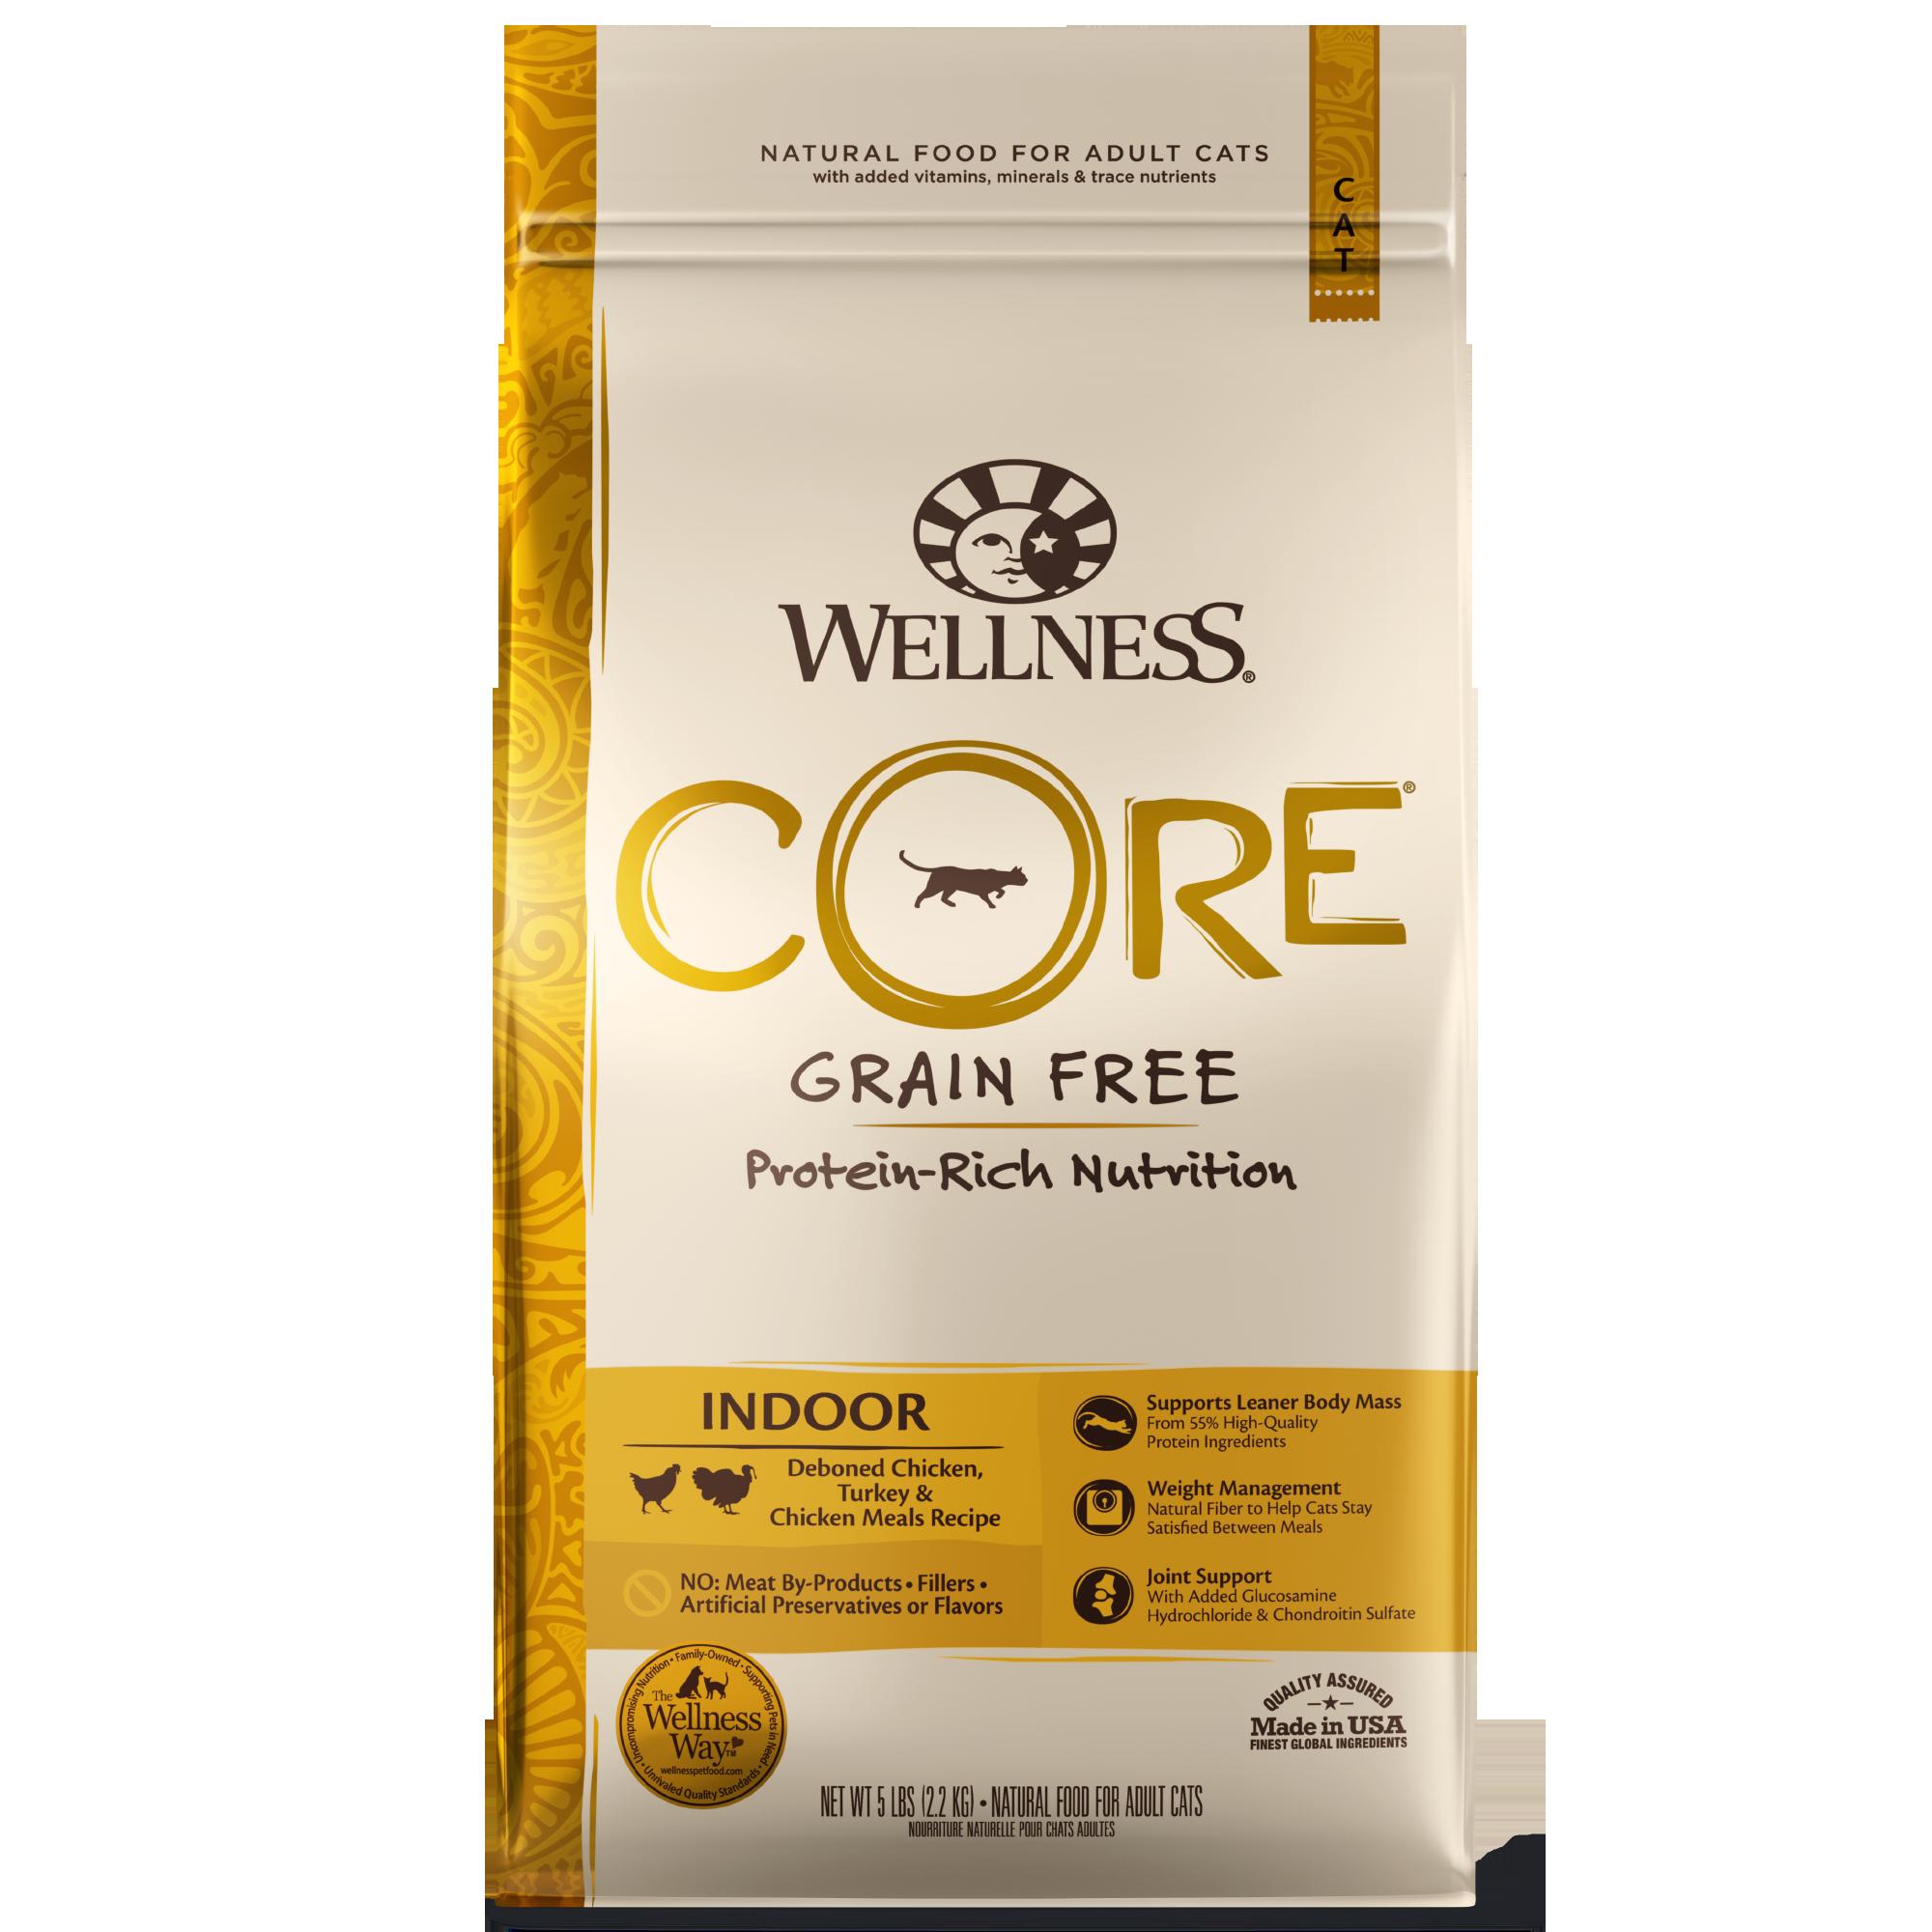 Wellness Core Grain-Free Indoor, Chicken, Turkey, & Chicken Meals Recipe Dry Cat Food, 2-lb bag